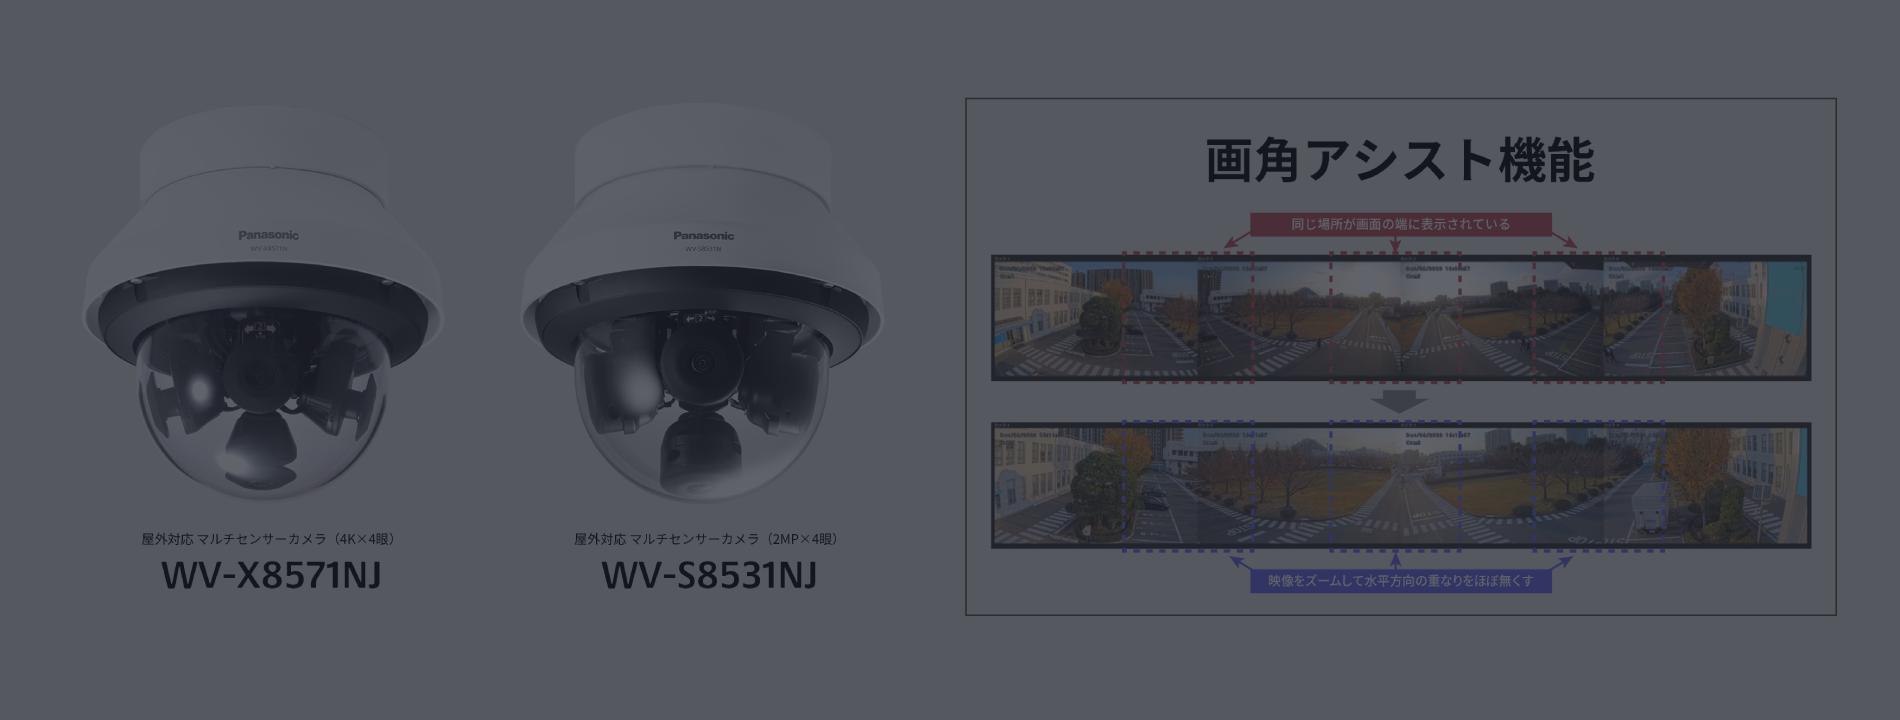 2103_PressRelease_マルチセンサーカメラ_img_1900x720